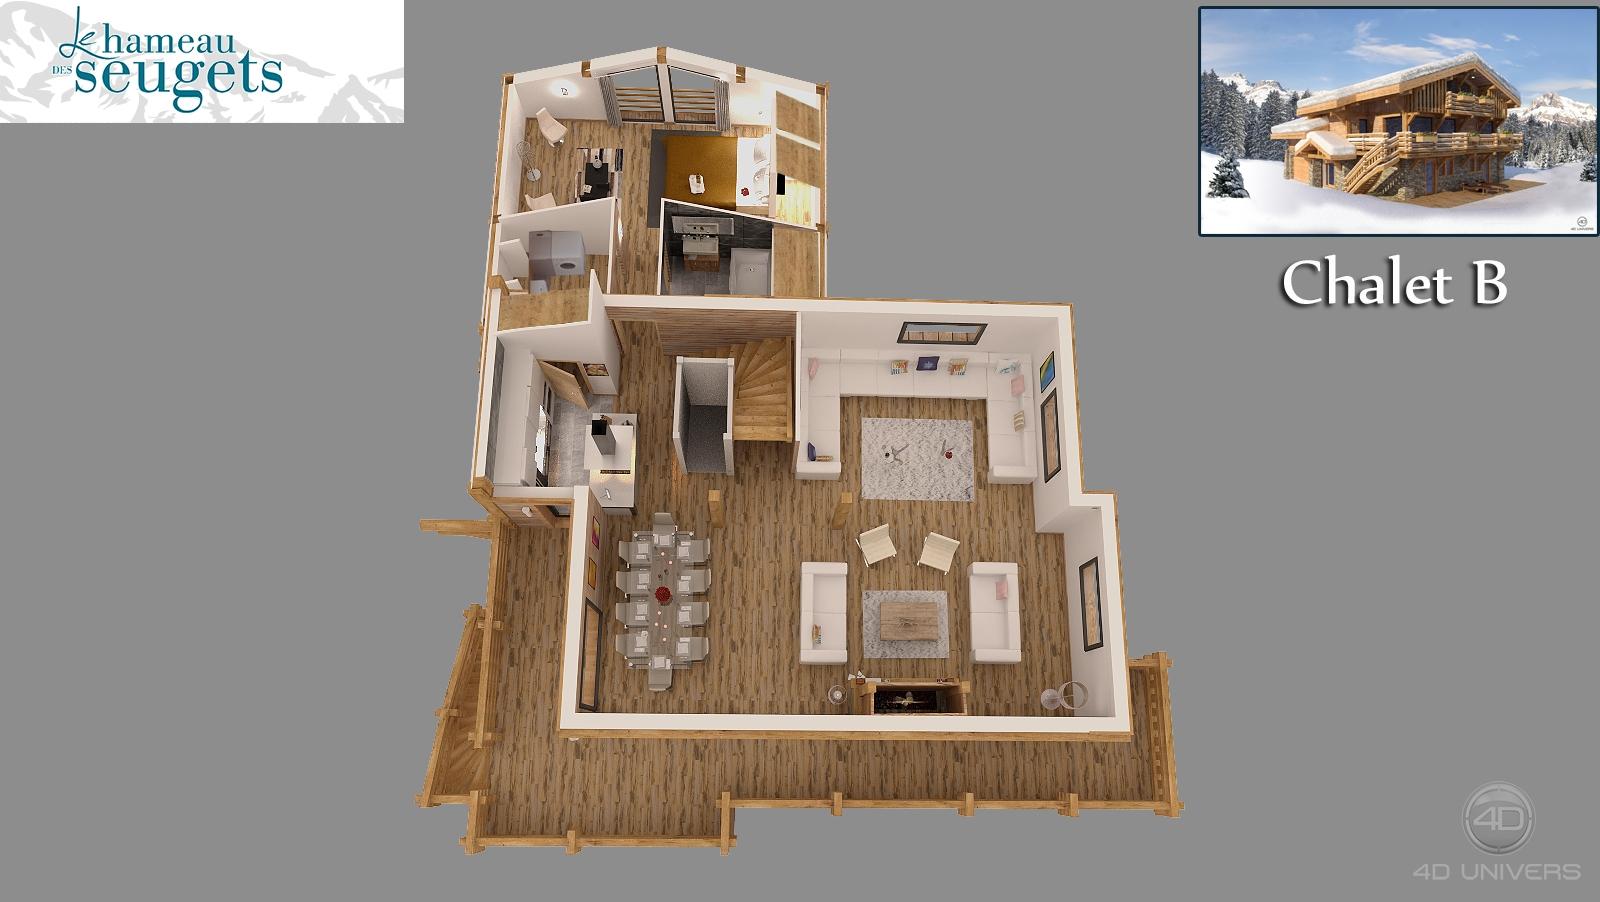 Am nagement int rieur 3d 4d univers studio animation for Amenagement interieur appartement montagne